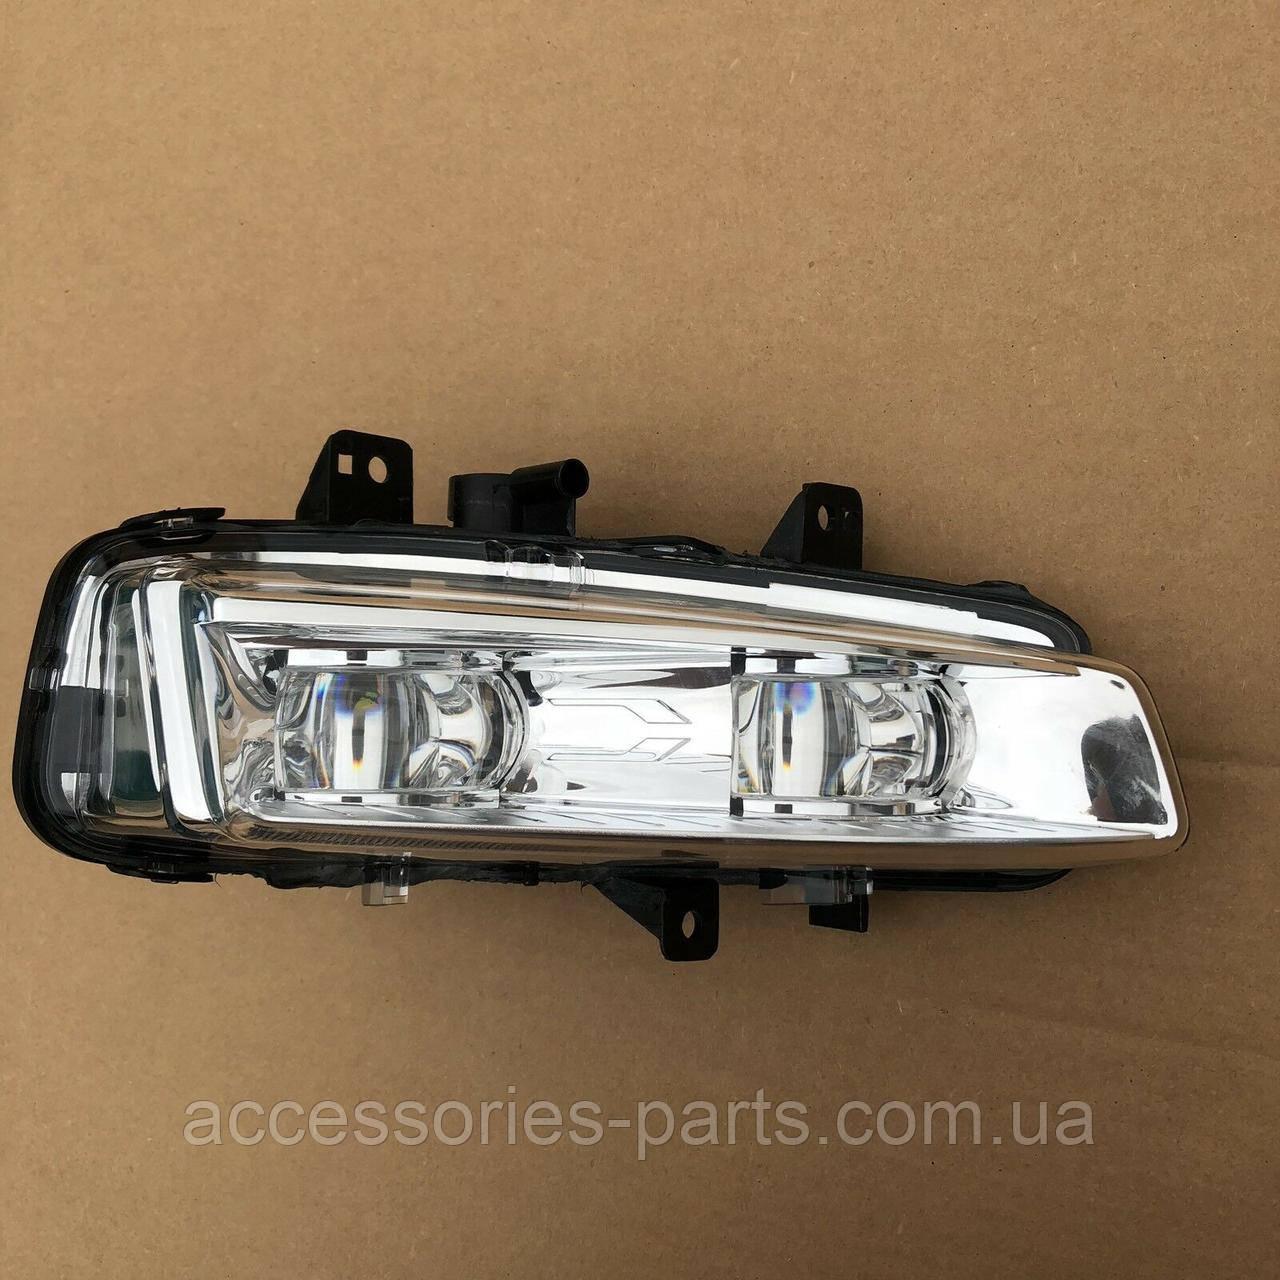 Фара противотуманная передняя правая светодиодная Range Rover Evoque L538 Новая Оригинальная